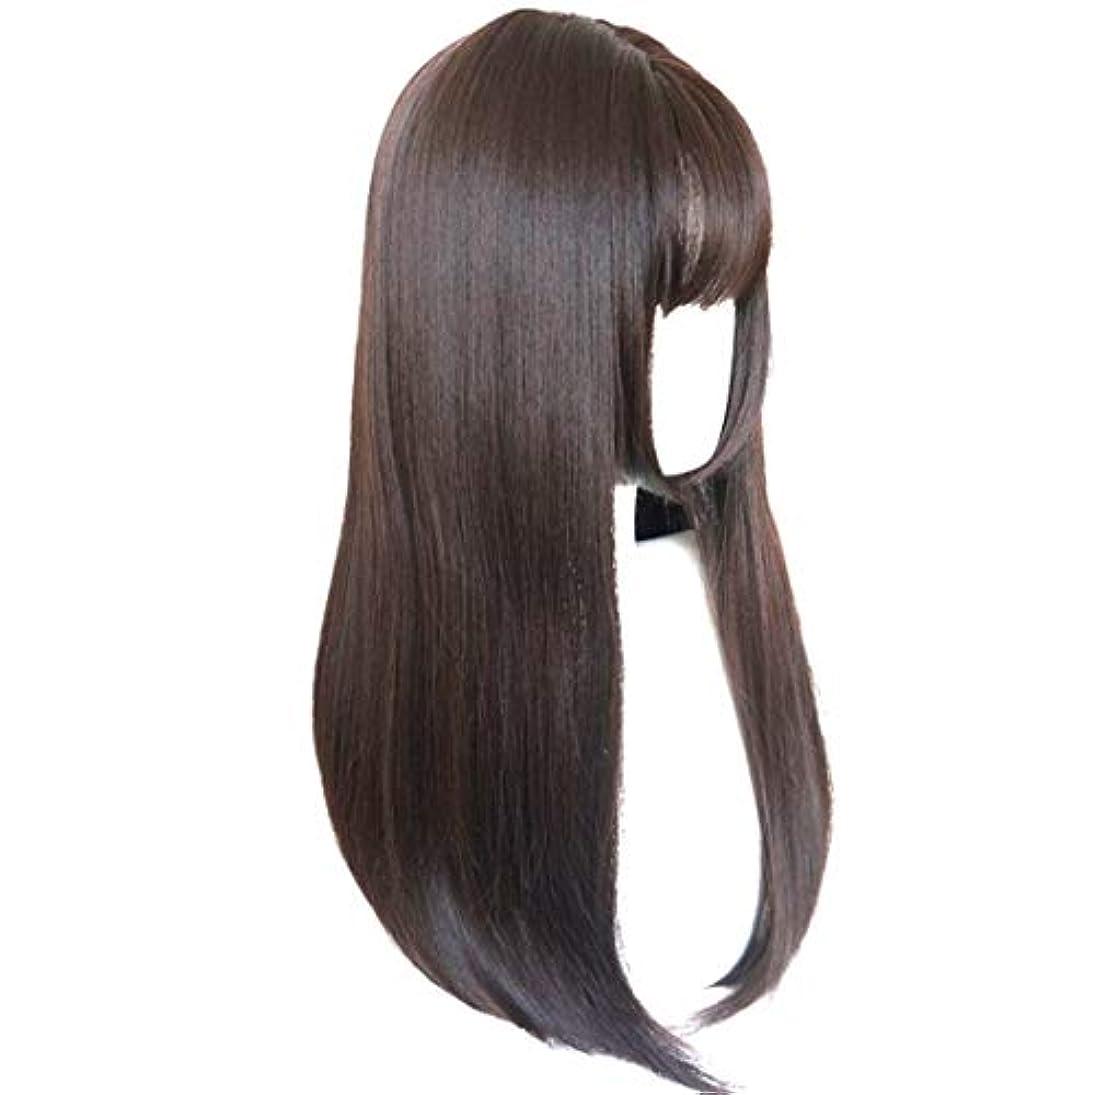 ほめる固体犯罪Summerys かつら完全なかつら女性のための耐熱性耐熱性でかつらストレートロング人工毛